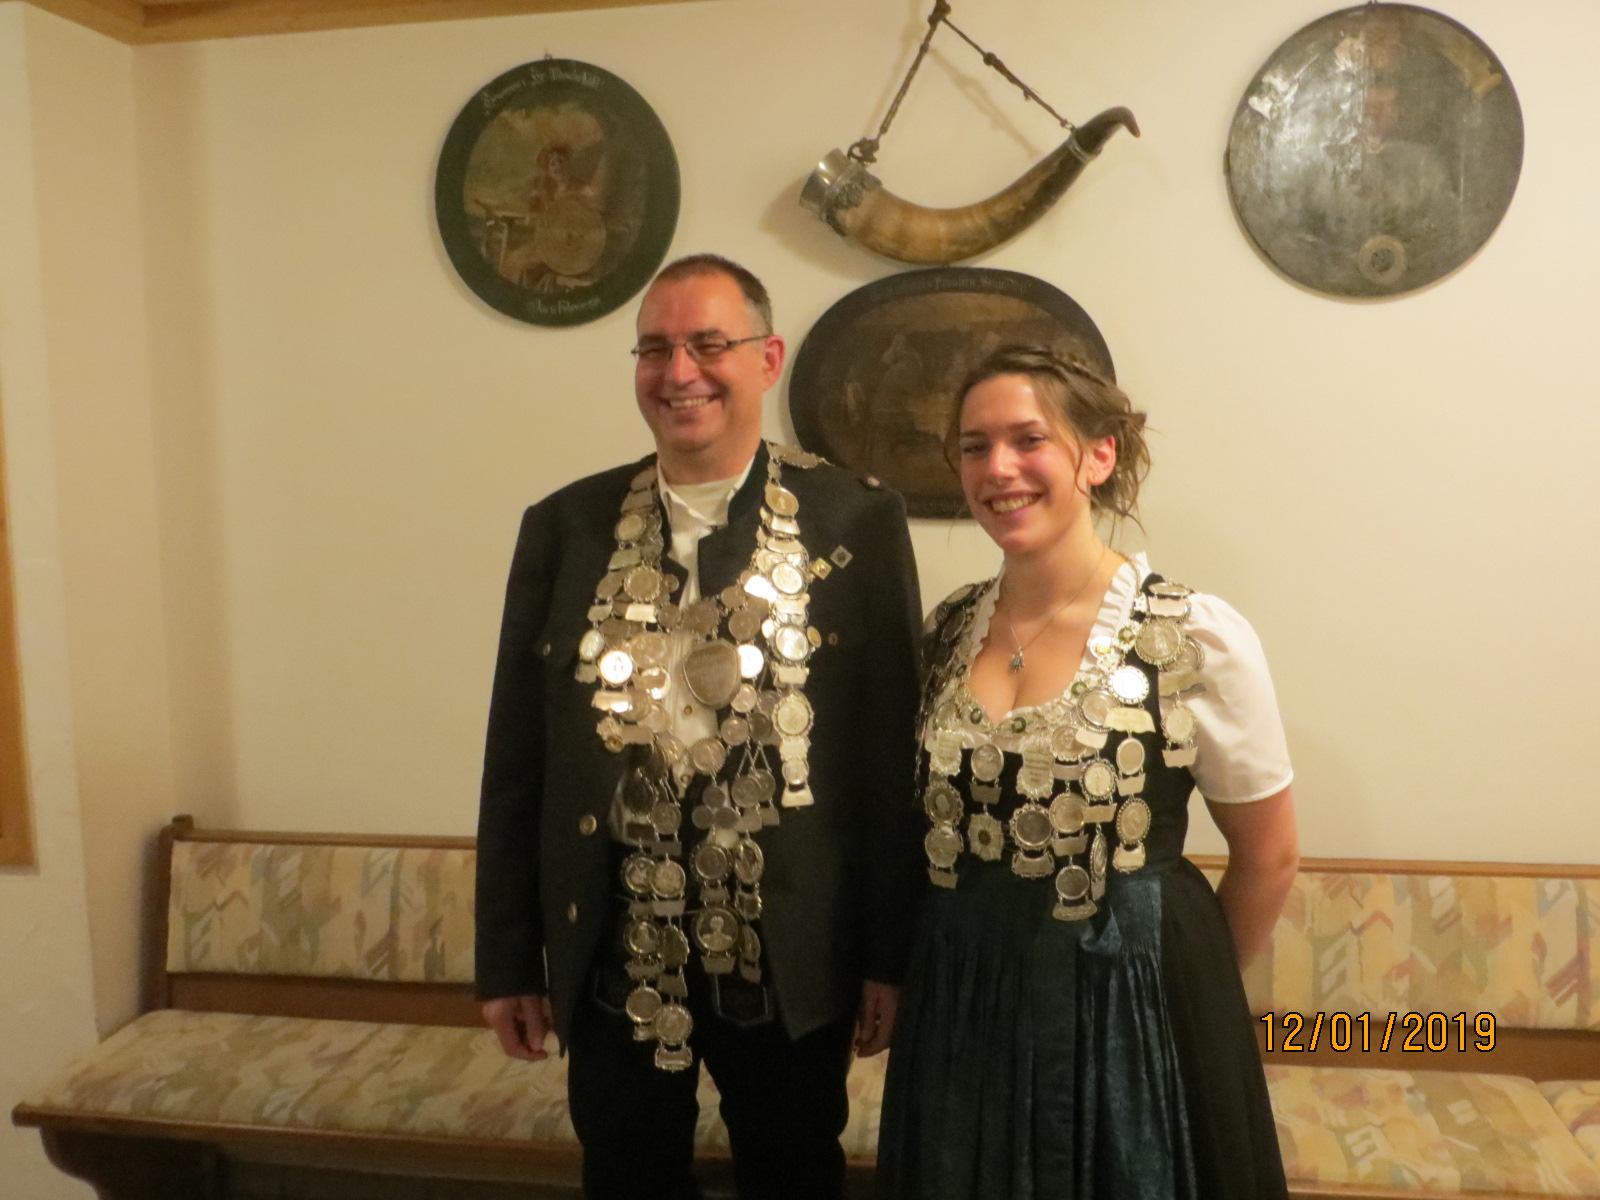 Schützenkönig 2019 Roland Franke und Jugendkönigin 2019 Marina Niggl